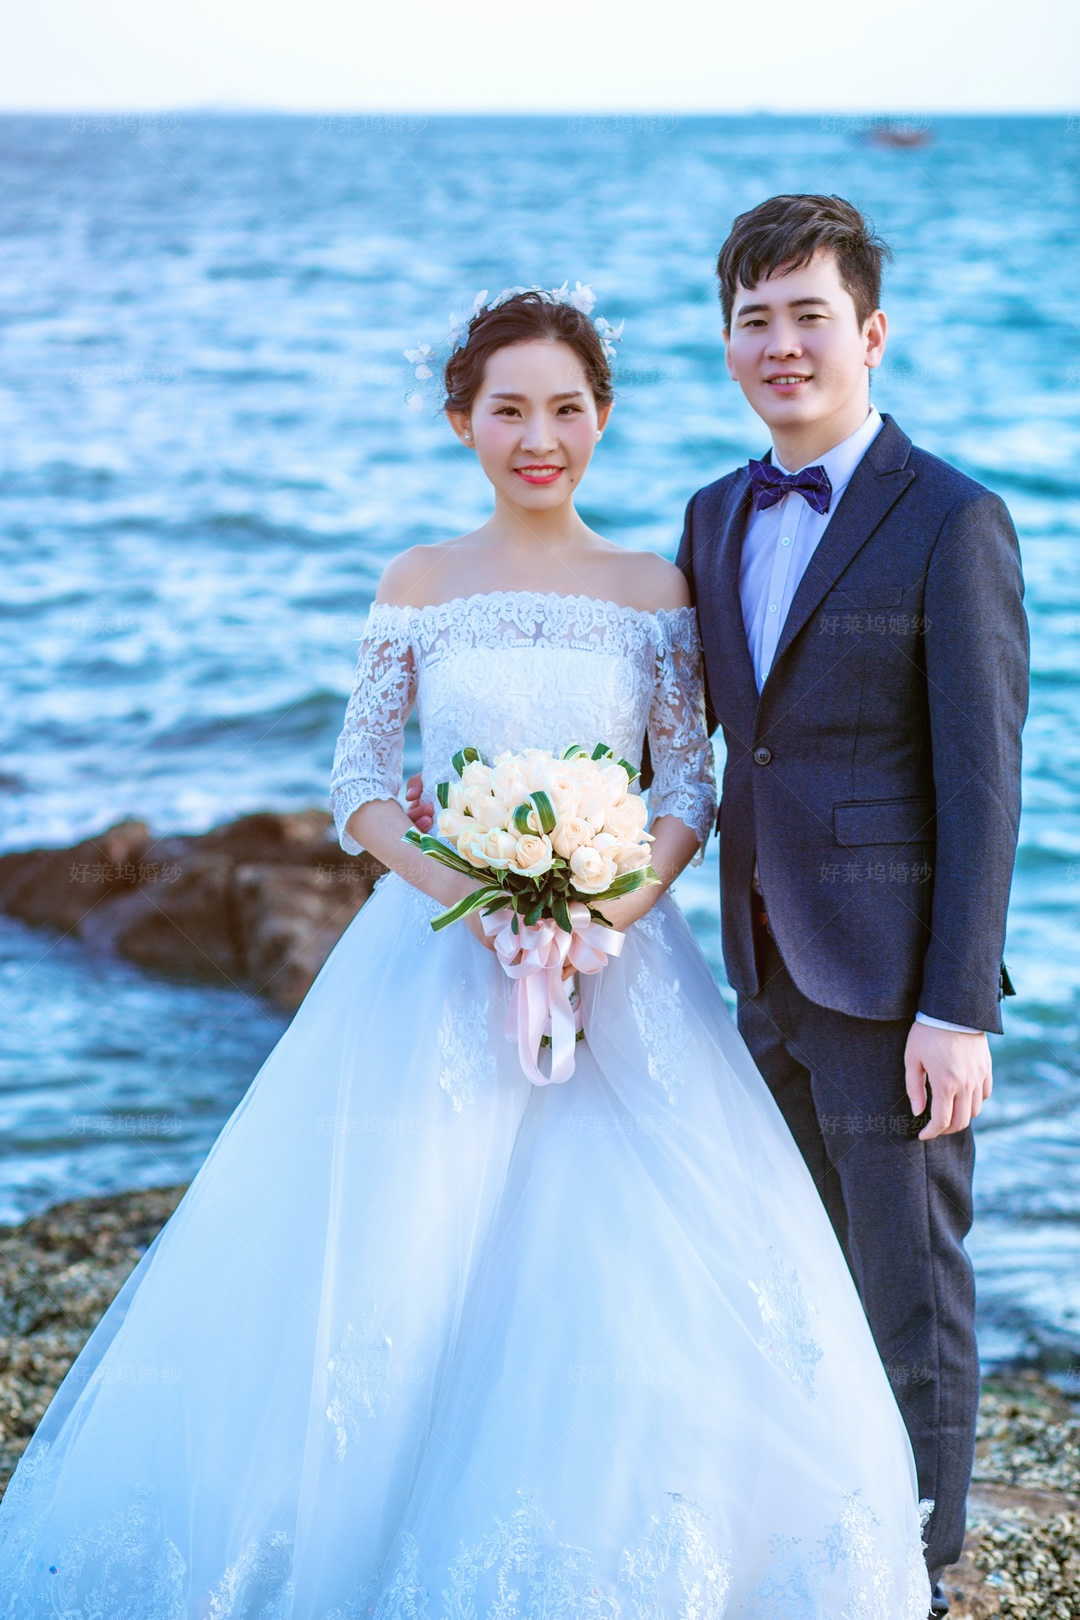 东坑婚纱照哪家拍的好,找东坑婚纱摄影,来好莱坞婚纱摄影工作室